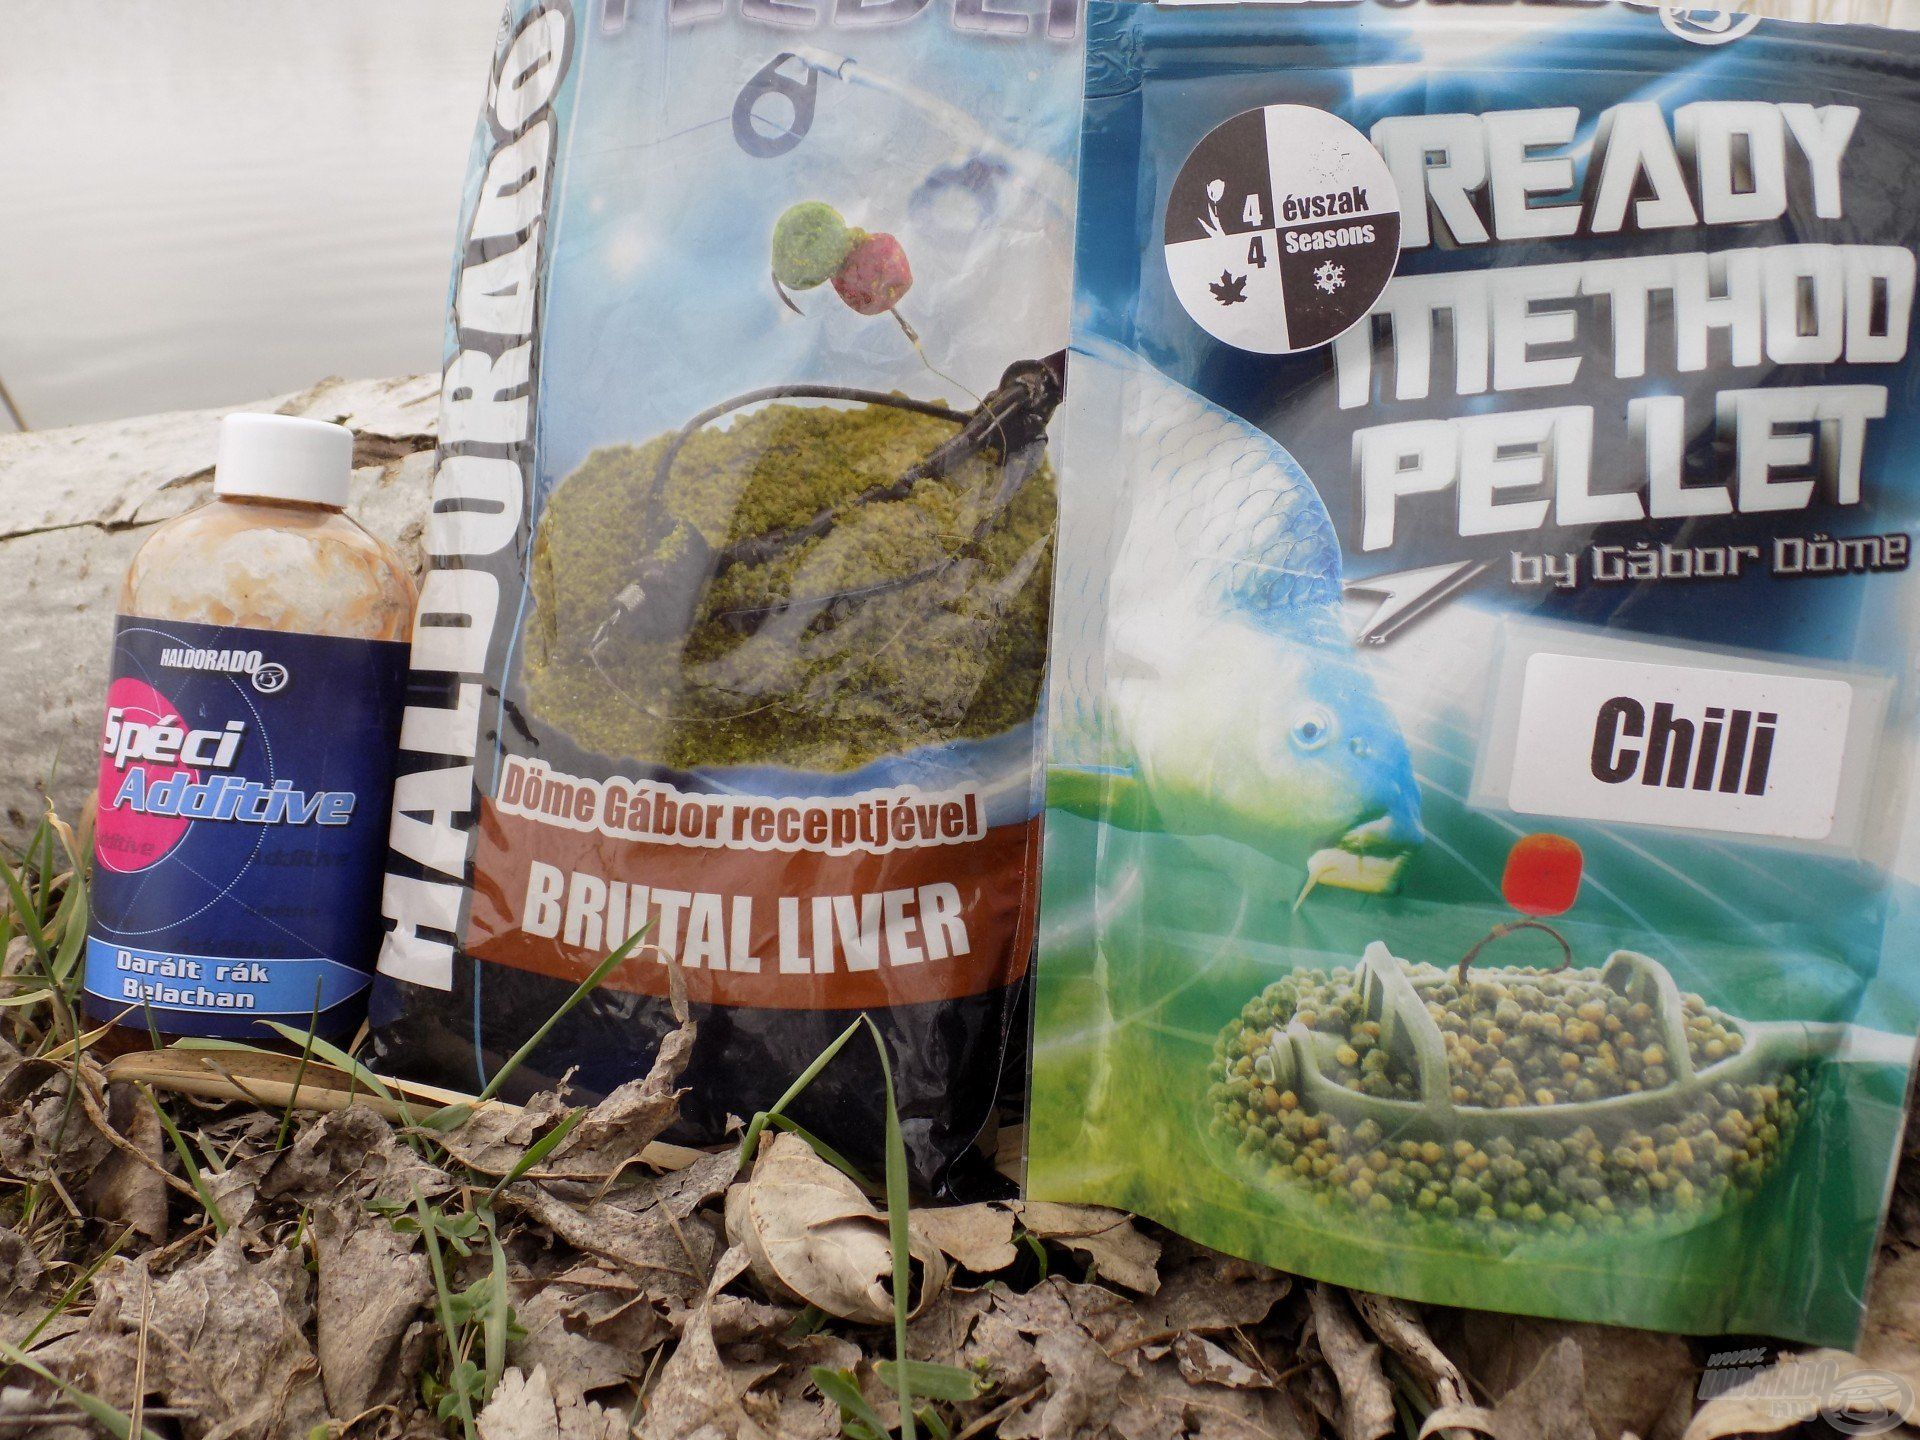 A Haldorádó TMF - Brutal Liver etetőanyag tökéletes kiindulási alap lehet minden hideg vízi horgászat során, a SpéciAdditive család Belachan (Darált rák) ízesítésű tagja pedig drasztikusan orrfacsaróvá varázsolja az etetőanyag aromáját, ízét, amiért a halak rajongani fognak. A másik kosaramba egy újdonság került, a Ready Method Pellet - Chili